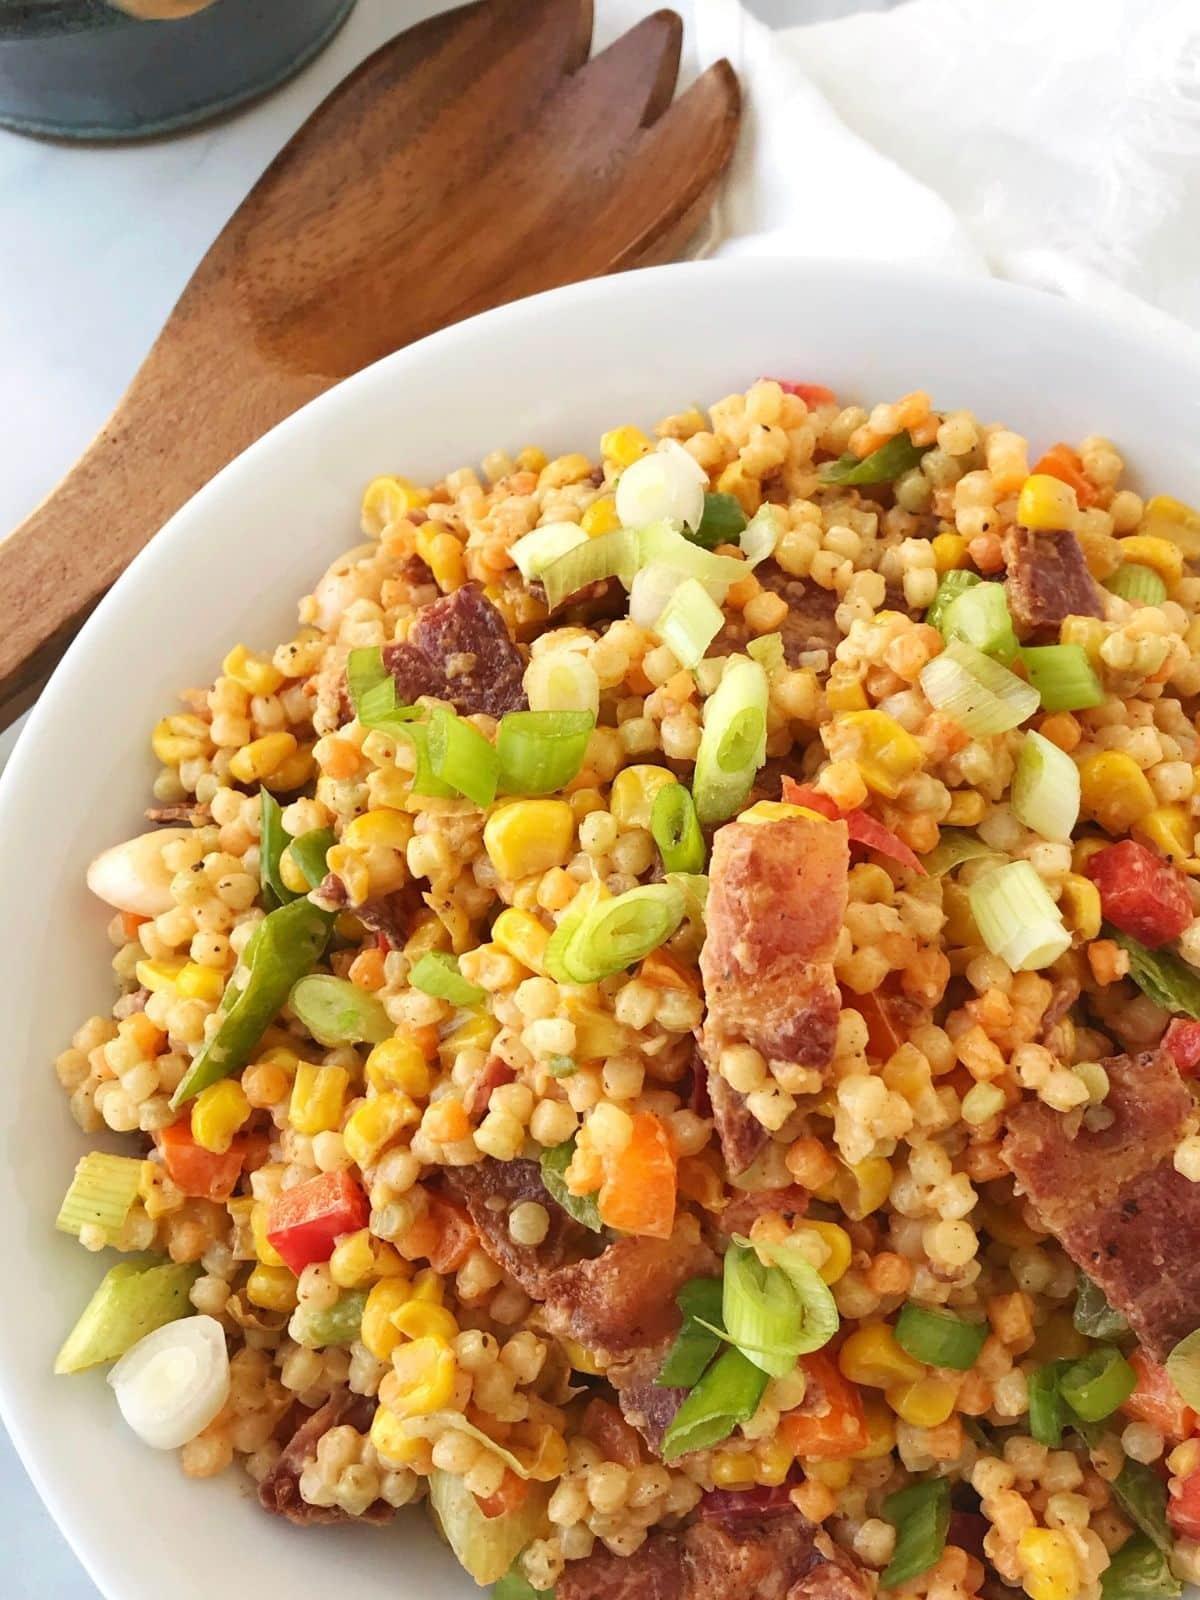 serving bowl of couscous salad